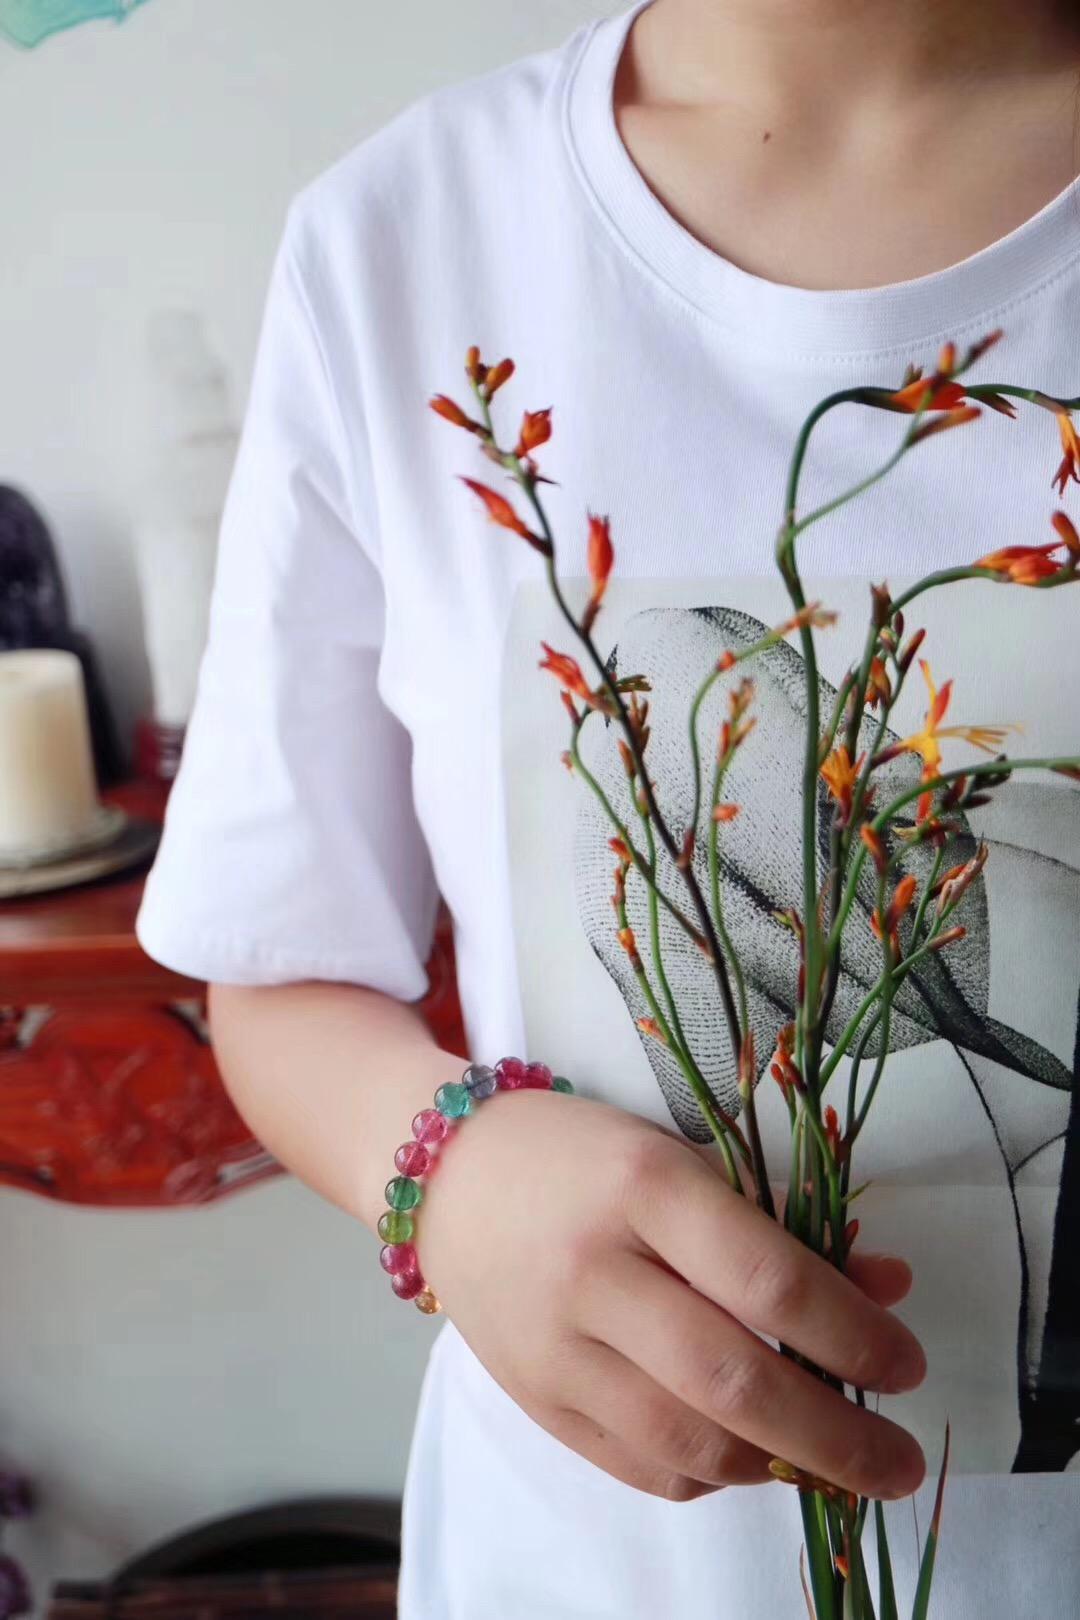 【菩心 | 碧玺】如花的季节, 最美的遇见-菩心晶舍